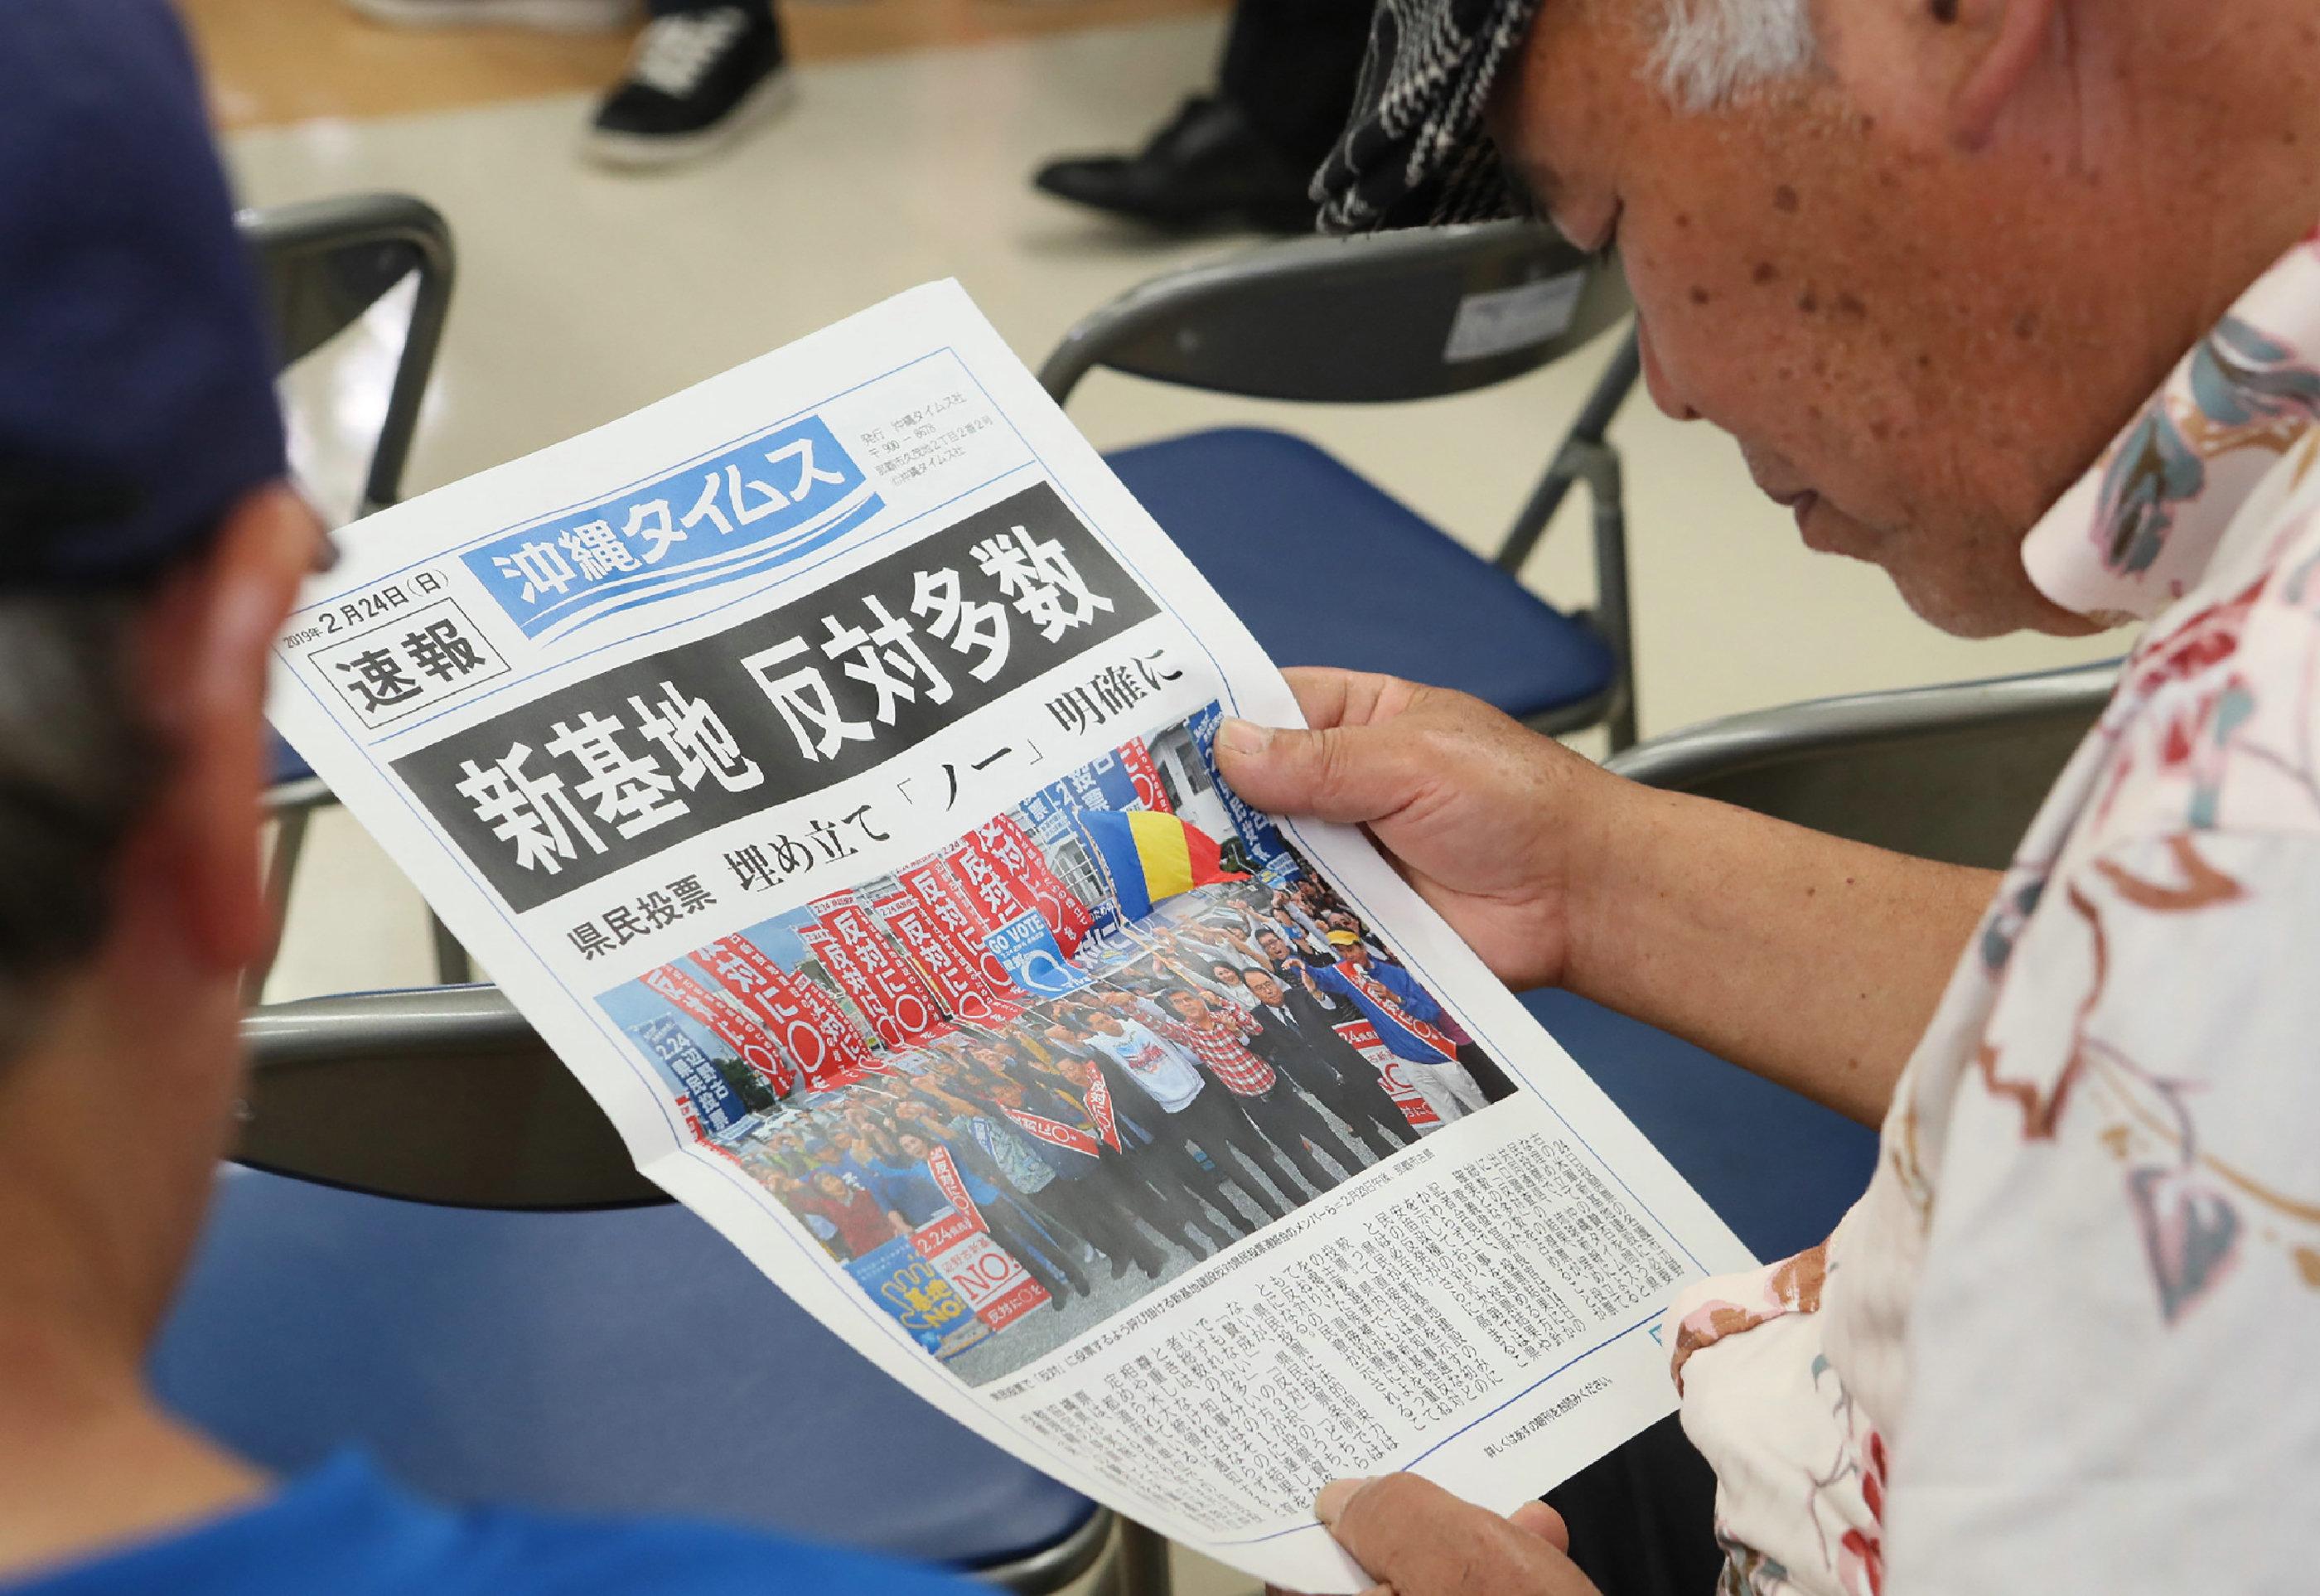 沖縄県民投票、「反対」が多数を占める 投票率は50%超え